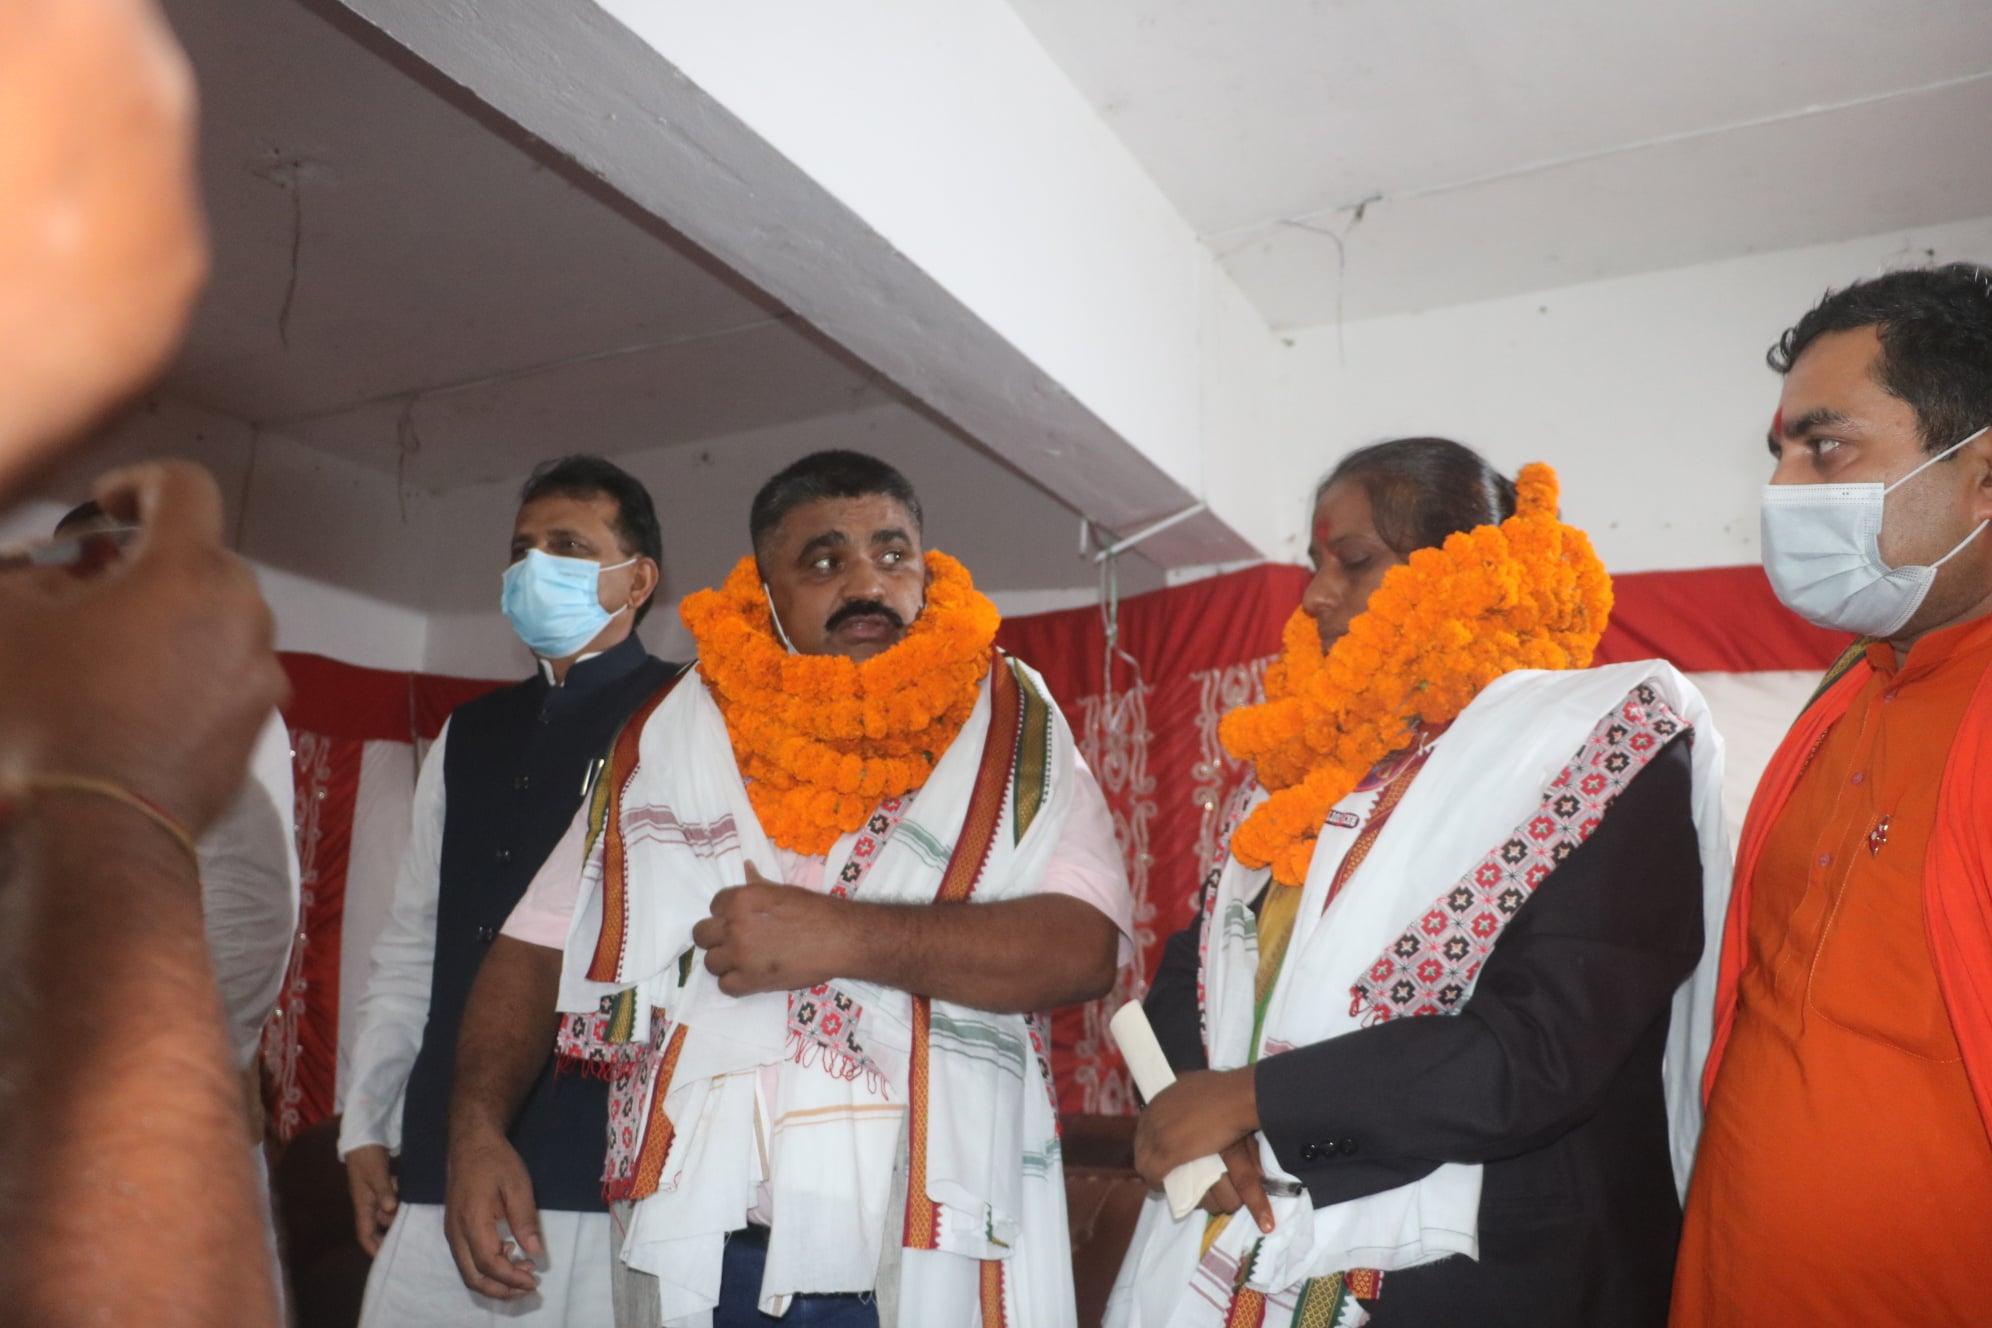 एकमन्त्री र एक राज्यमन्त्रीसहित माओवादी केन्द्र  प्रदेश दुई सरकारमा सहभागी